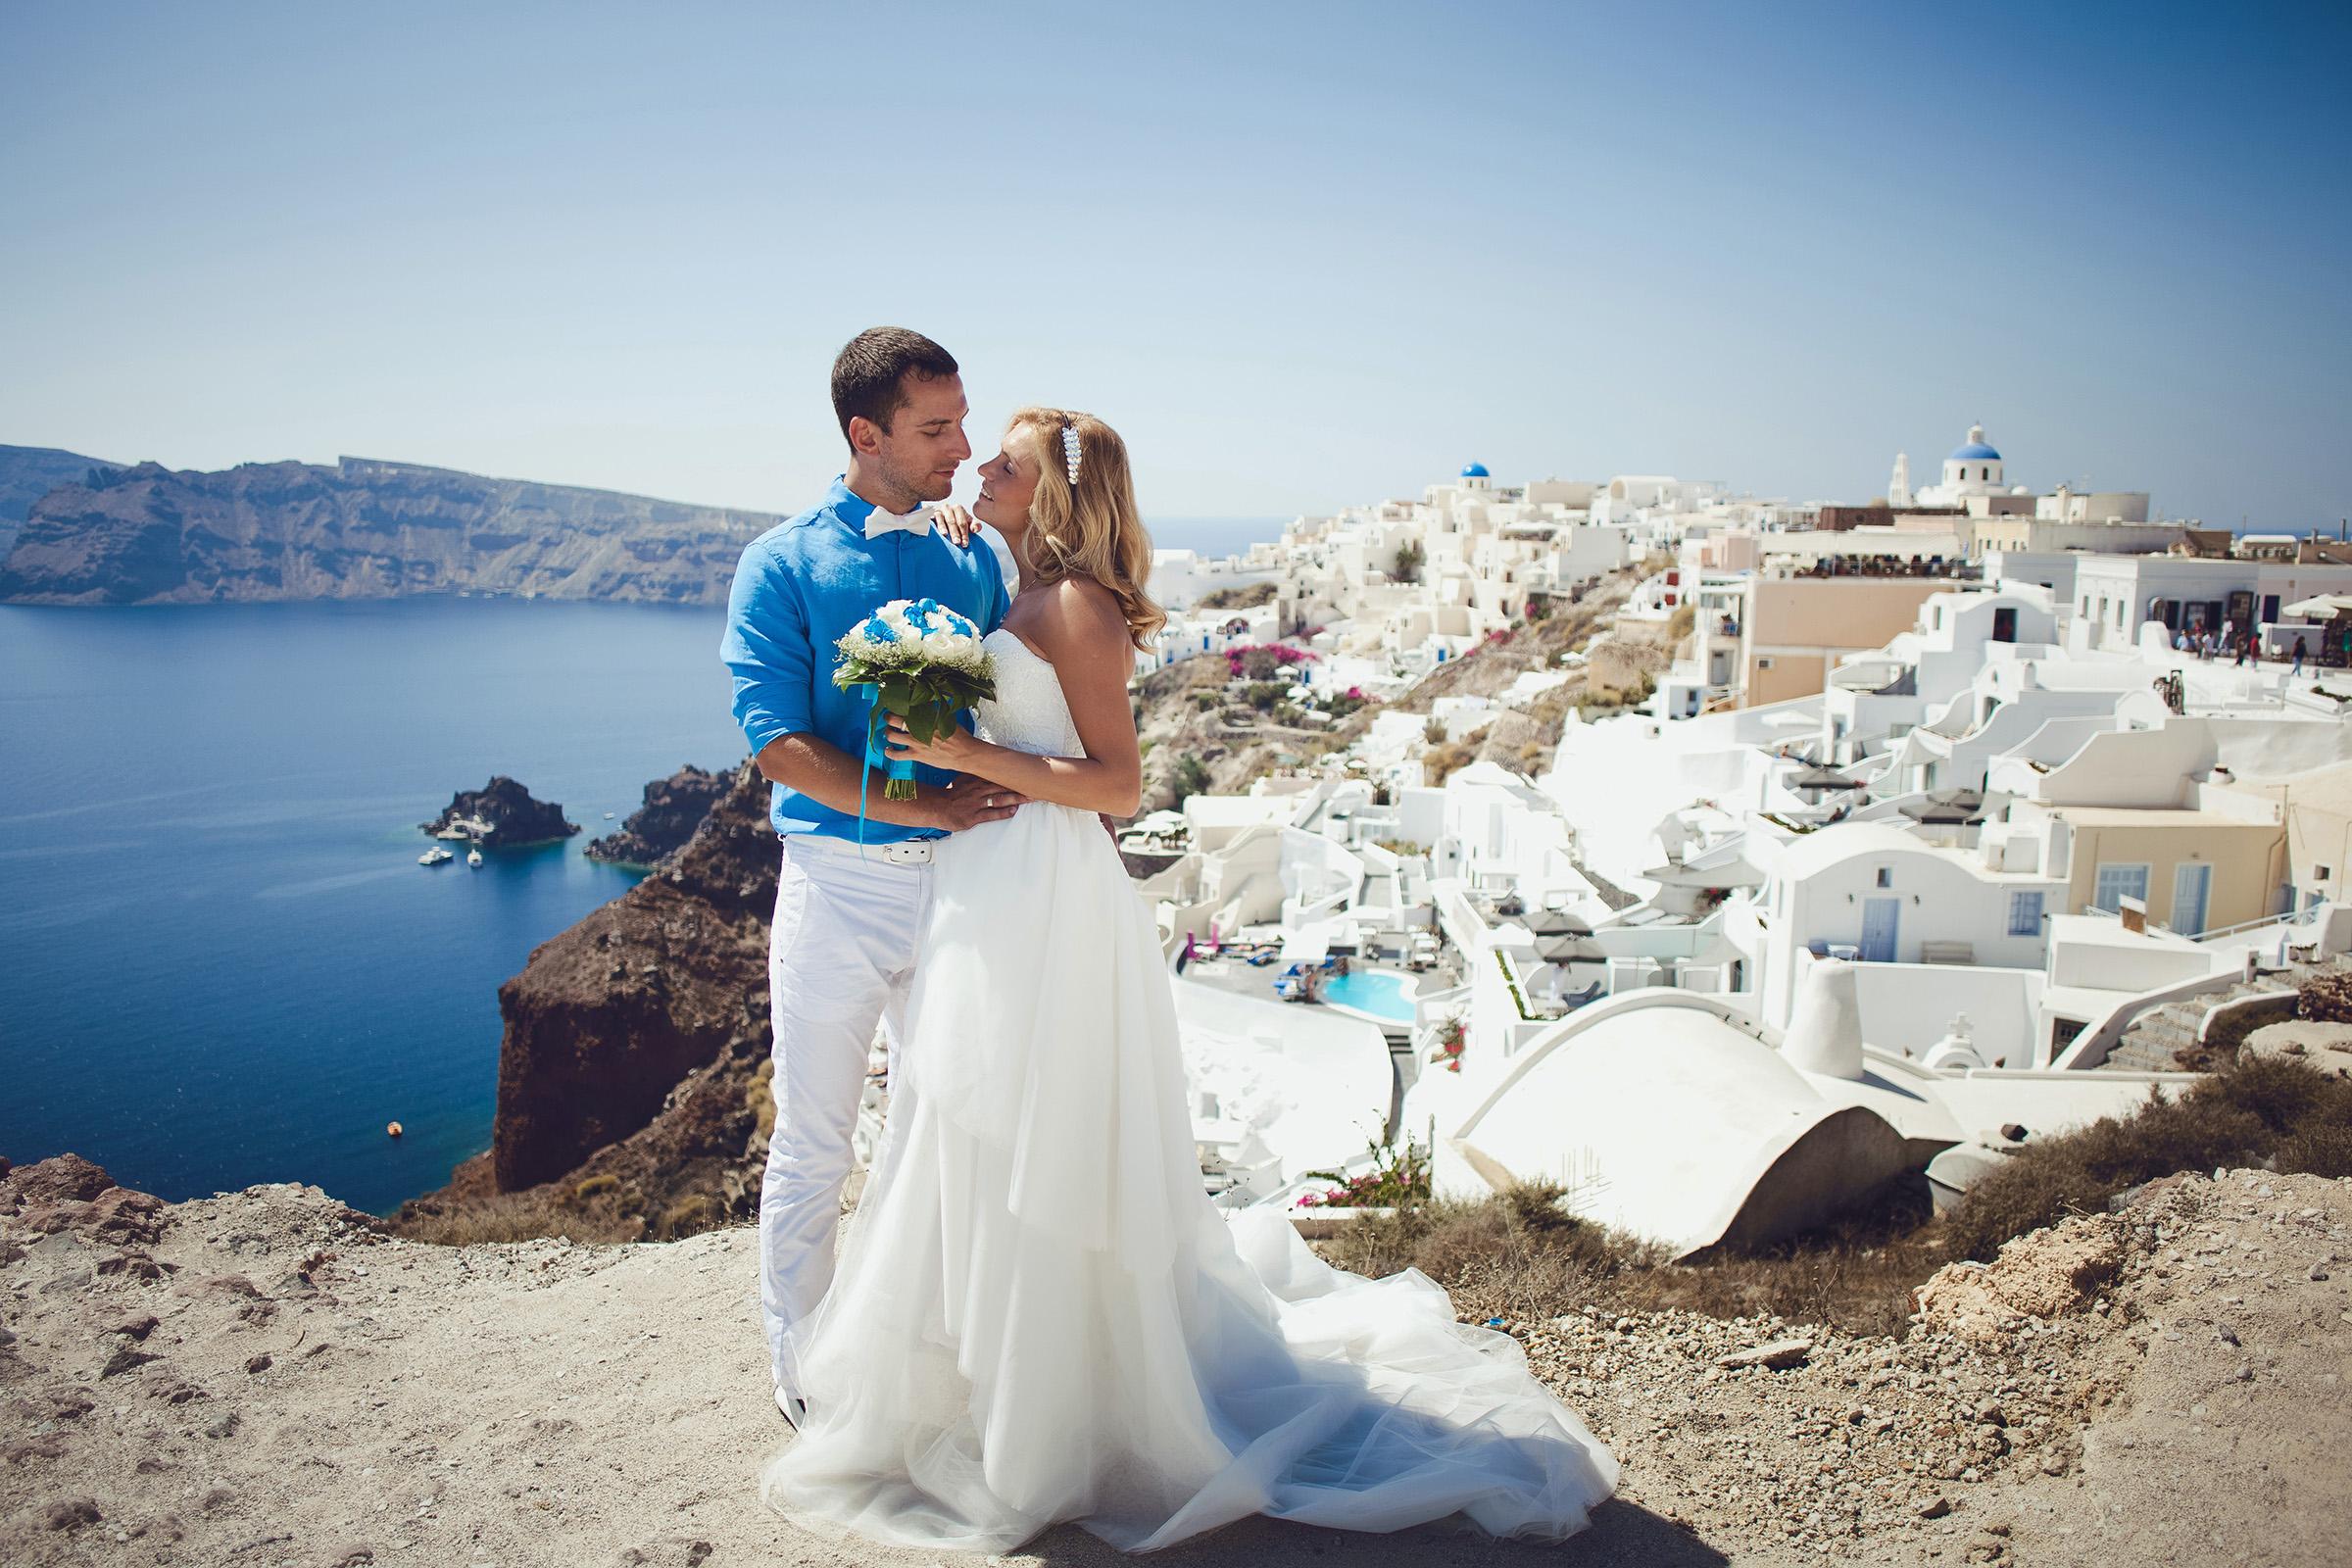 фото самые красивые свадебные путешествия несколько минут